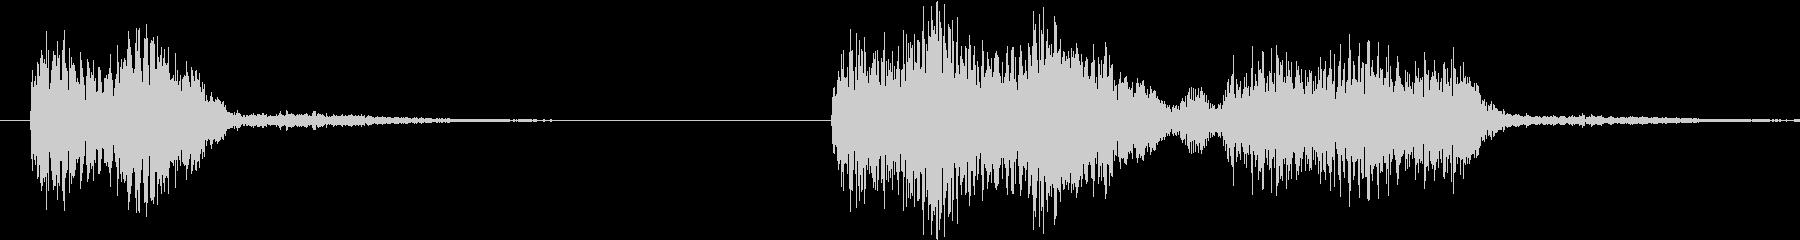 スロットなどのゲームにありそうな効果音の未再生の波形